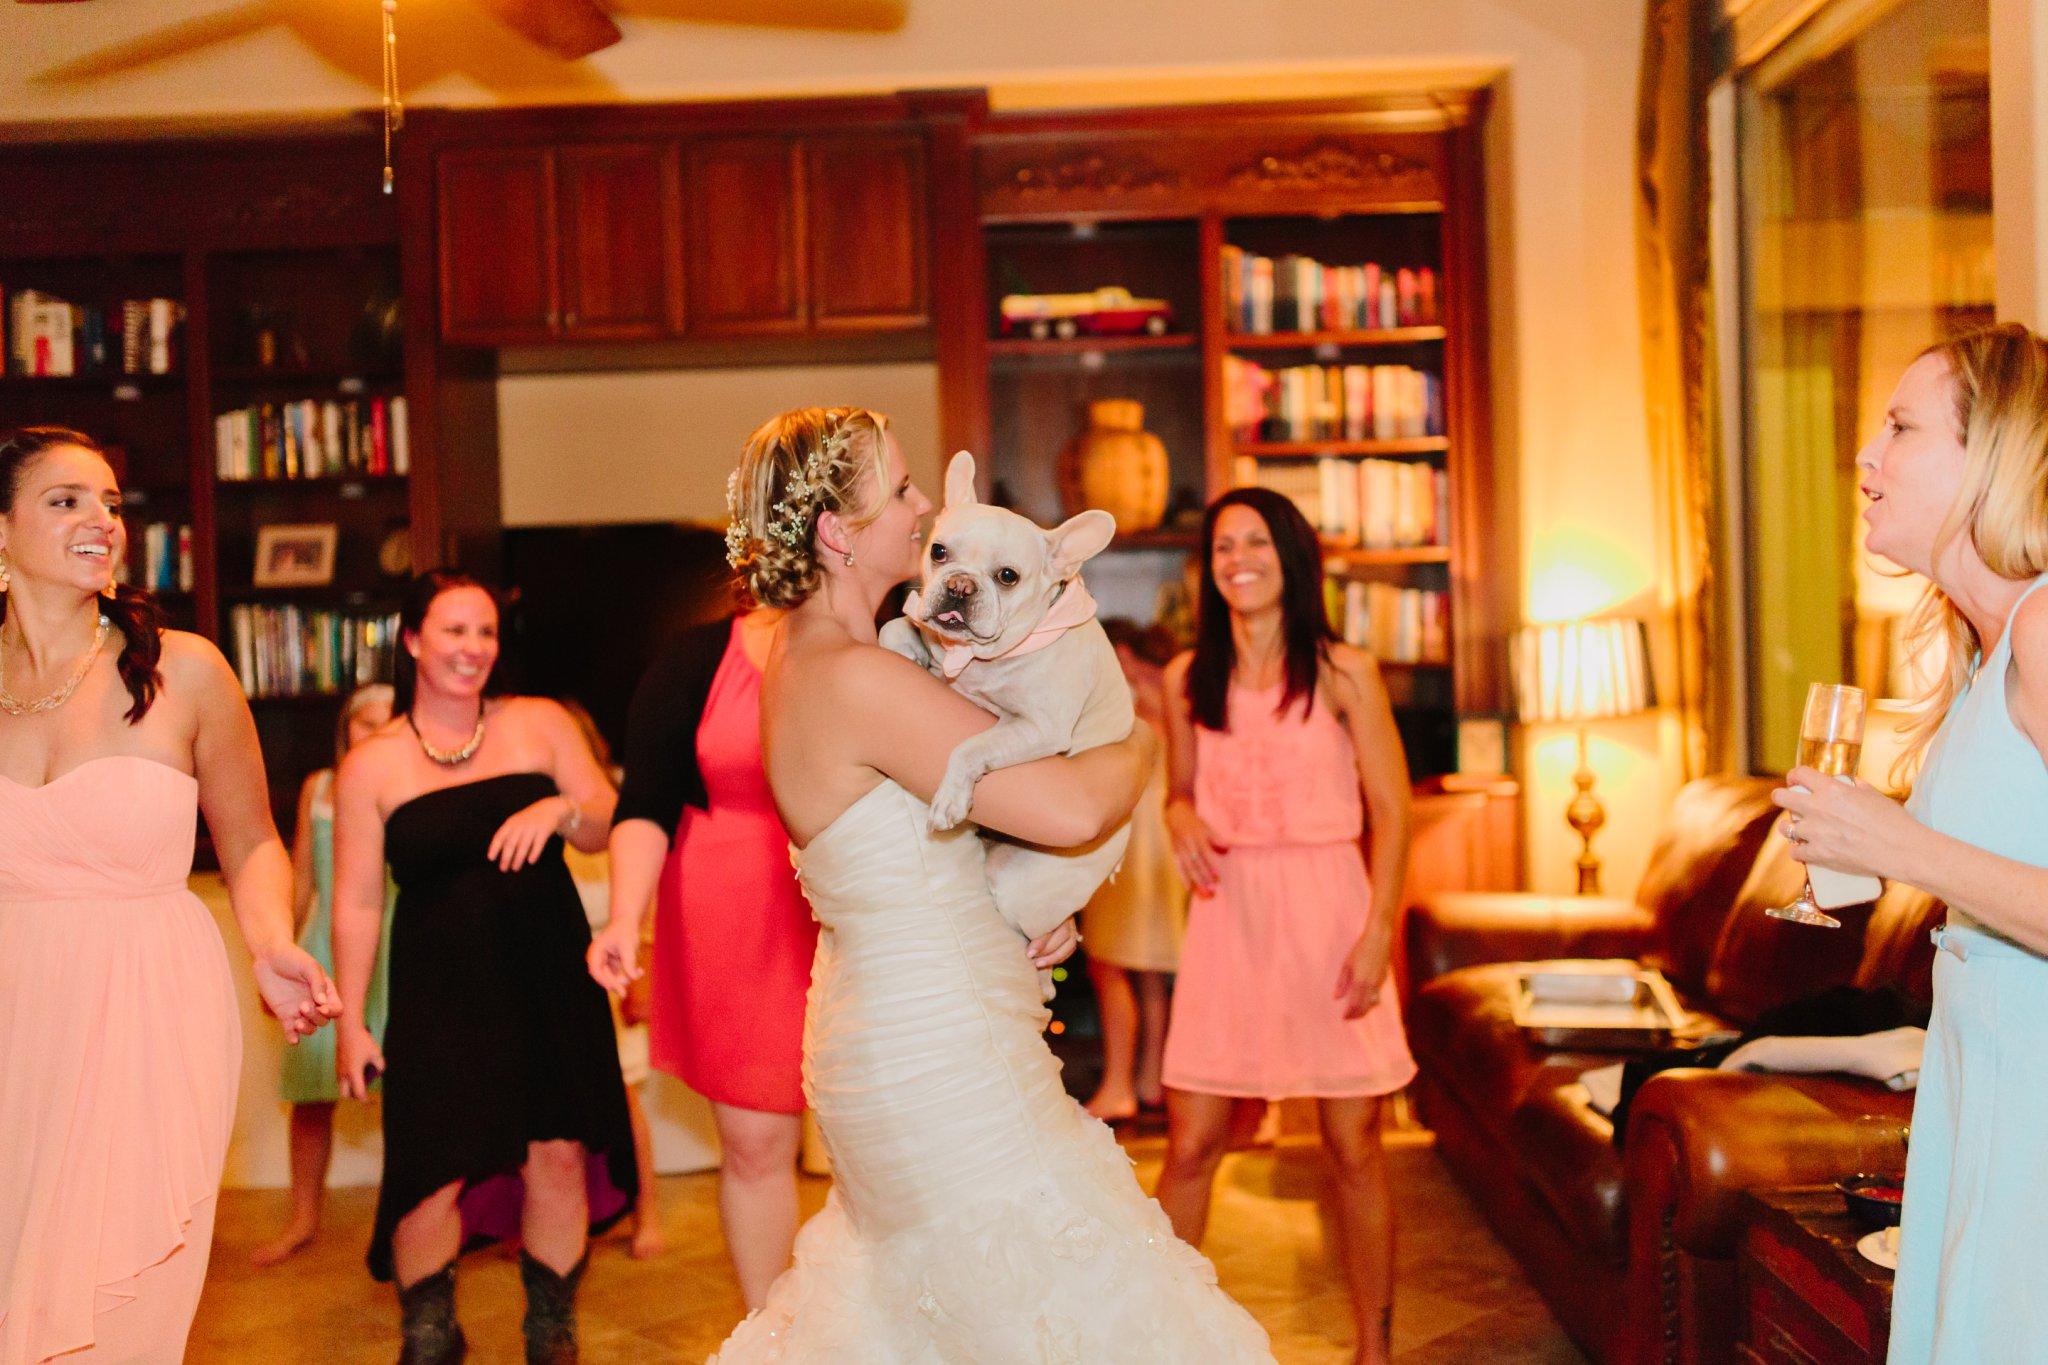 bride dancing with bulldog at wedding in Mesa AZ